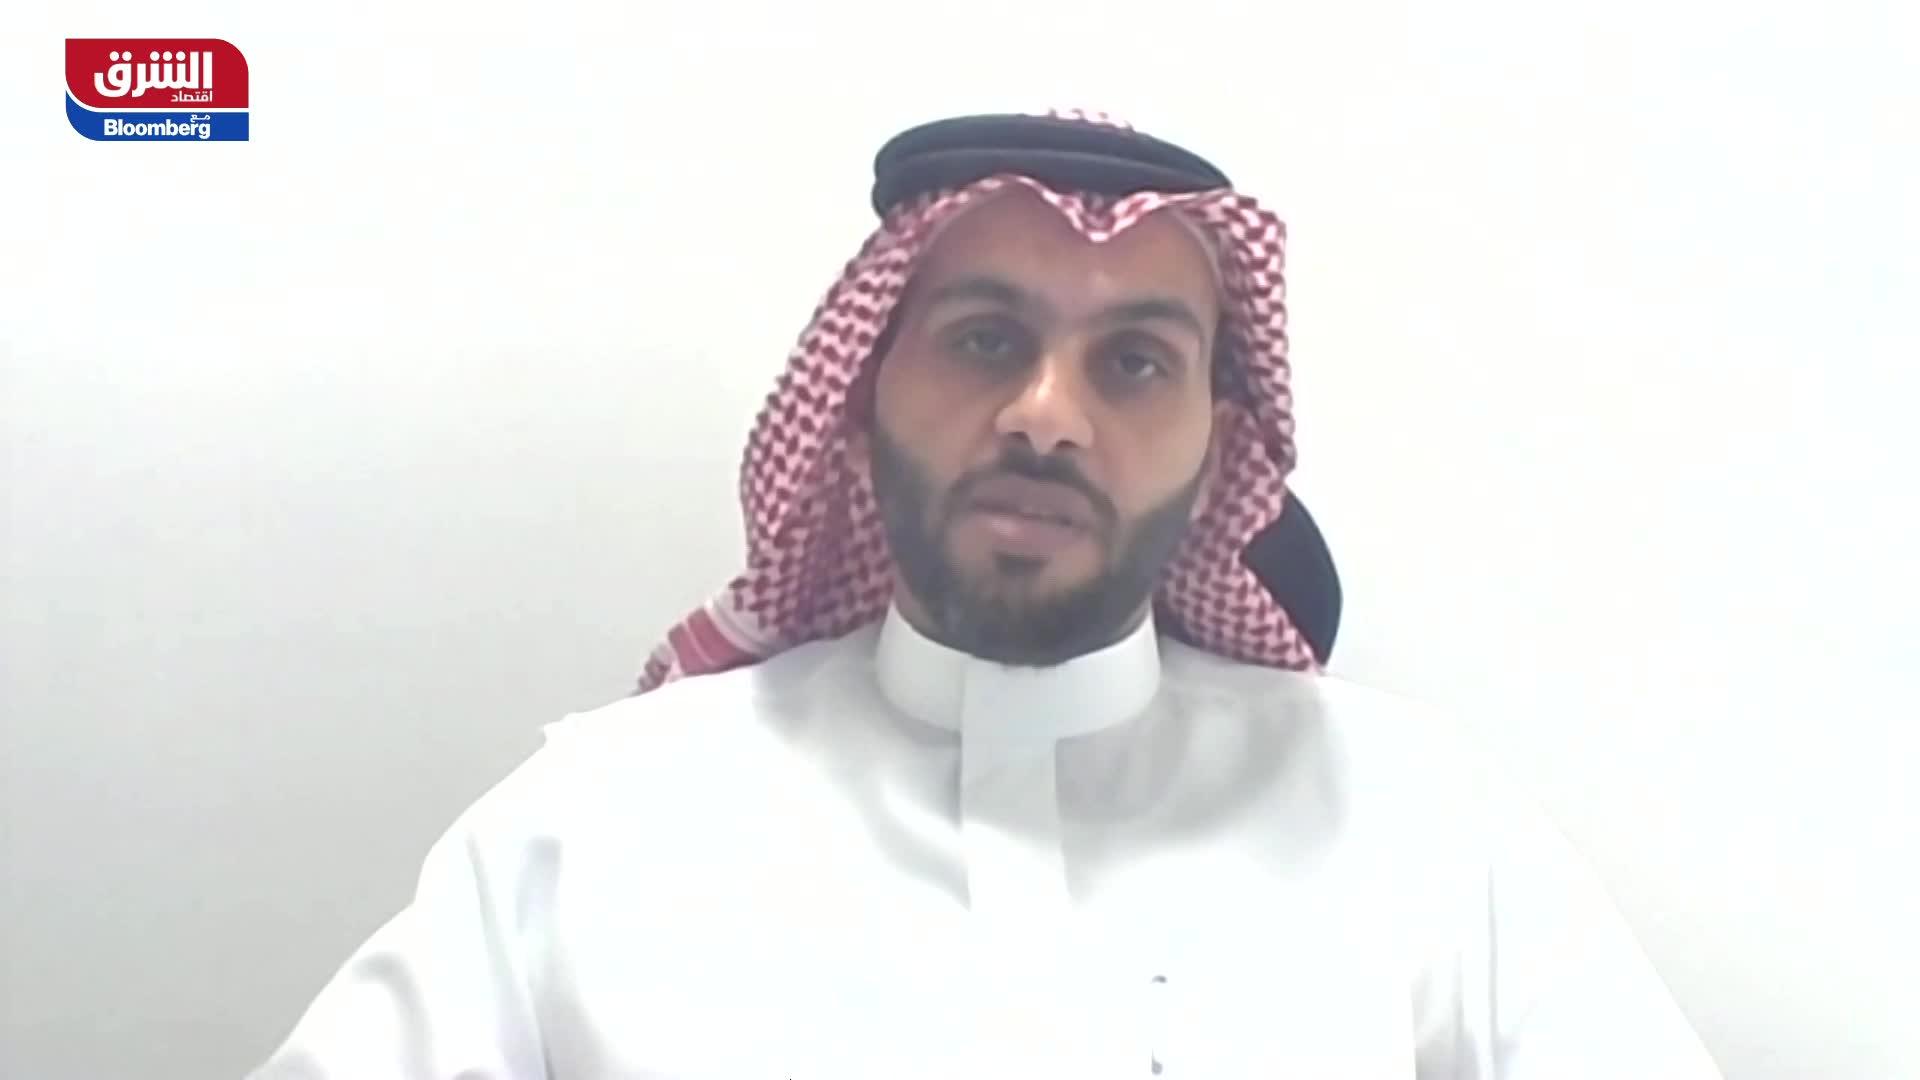 """ما الذي سيضيفه """"إحلال هيئة الحكومة الرقمية"""" في السعودية؟"""